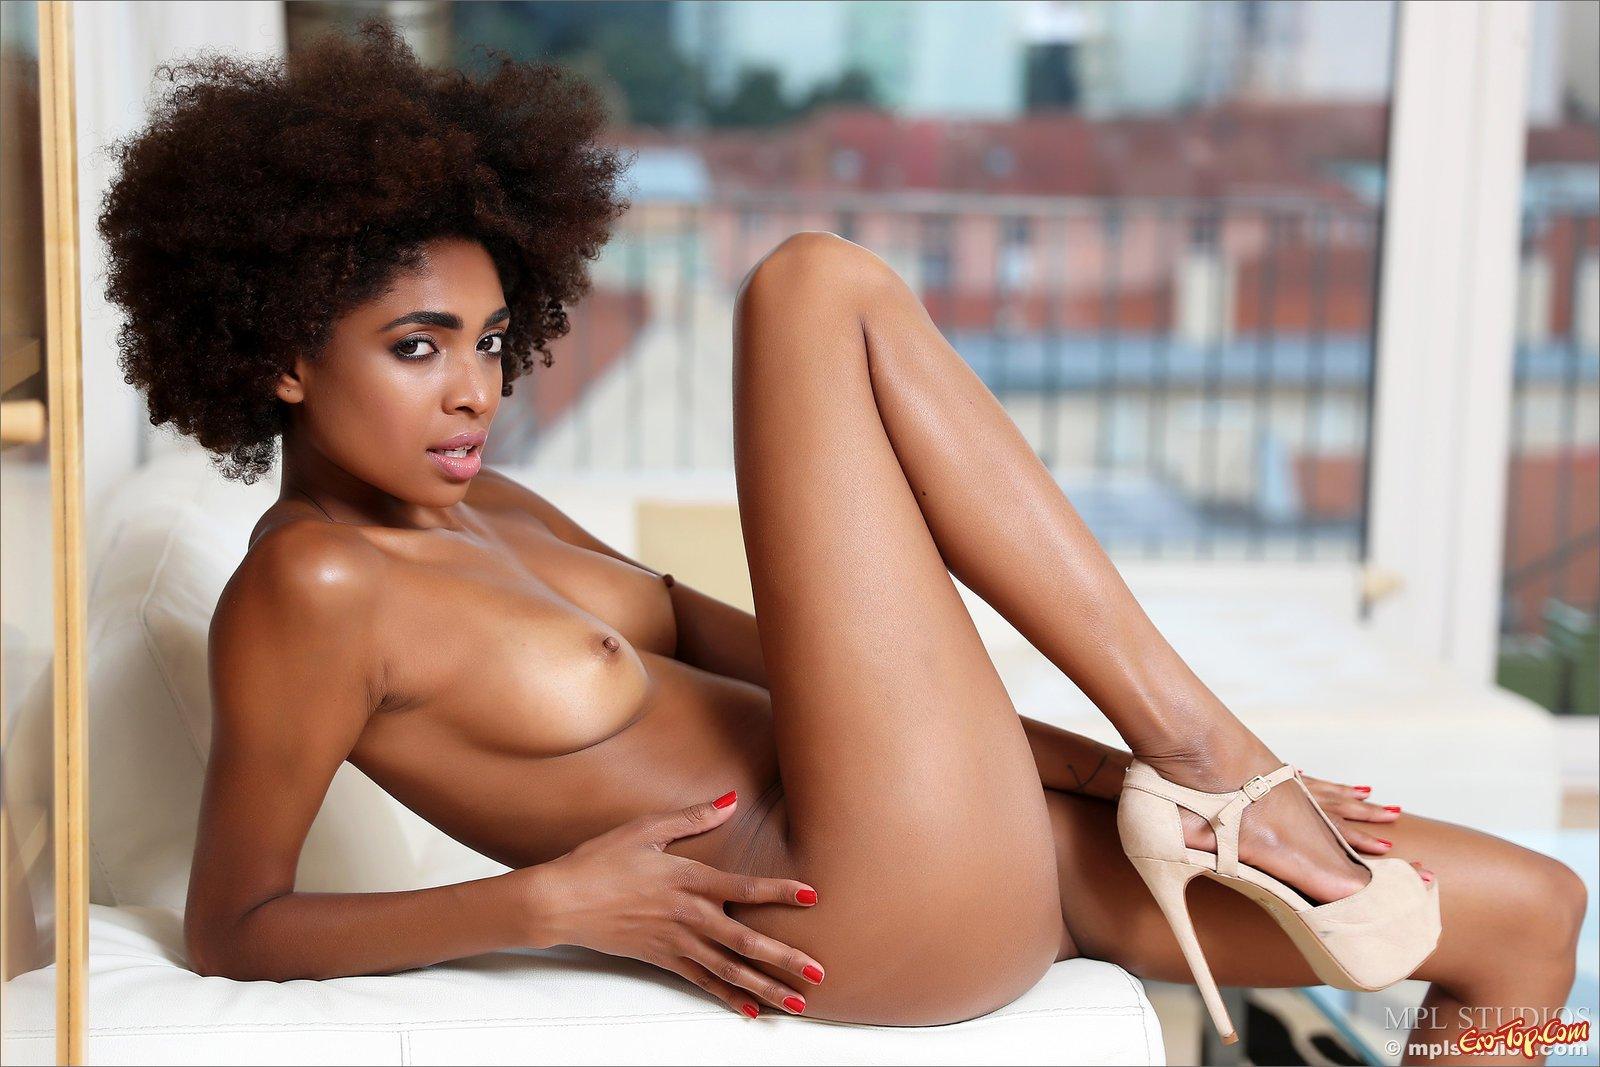 Подтянутая негритяночка стягивает интимное белье до гола